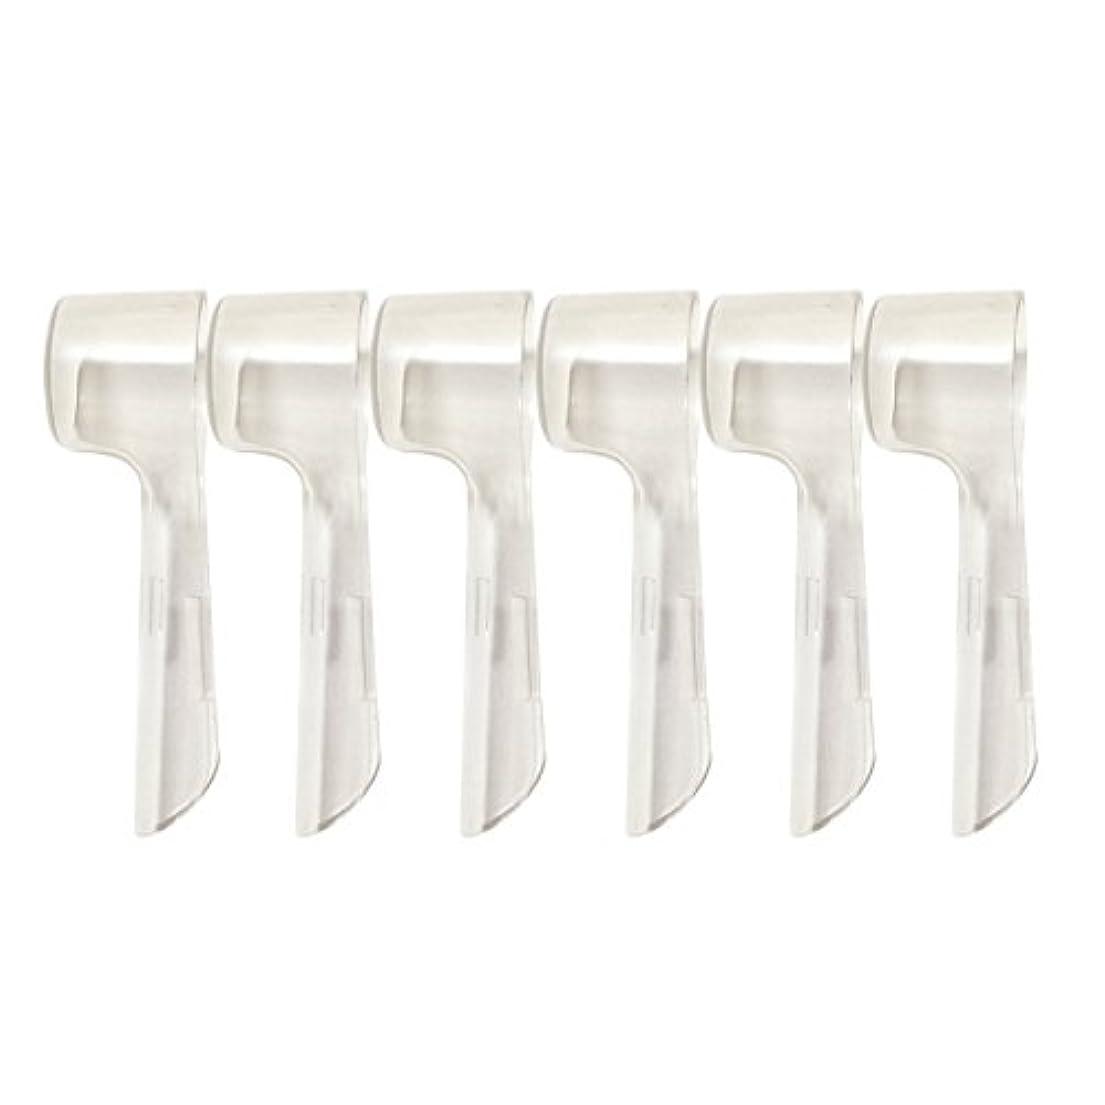 図書館バーゲン突っ込むSUPVOX 旅行のために便利な電動歯ブラシのための12本の歯ブラシのヘッドカバー